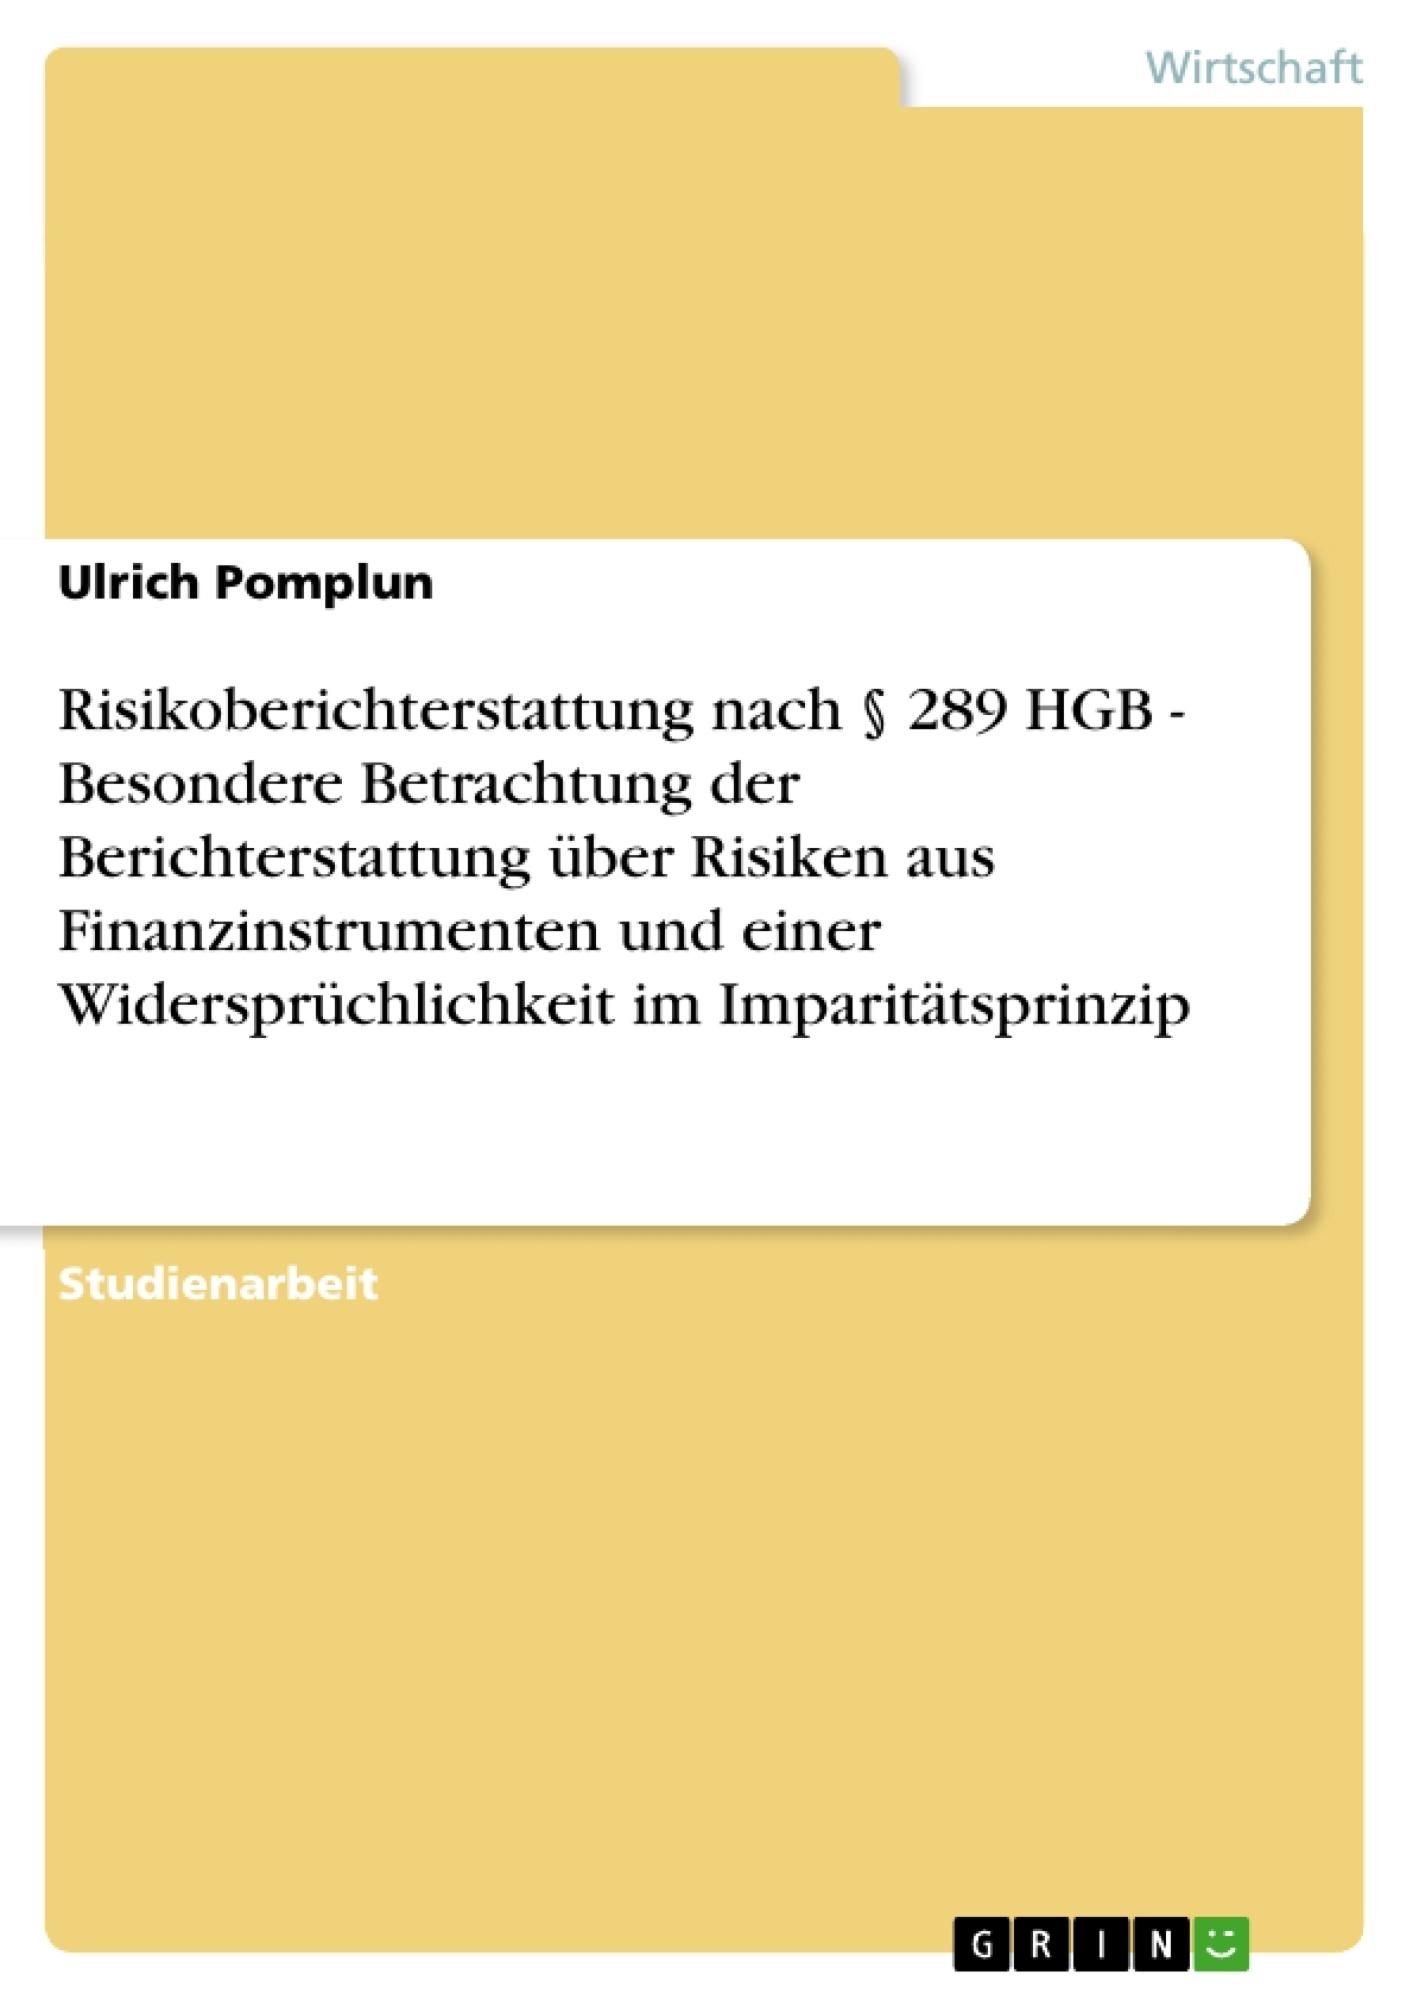 Titel: Risikoberichterstattung nach § 289 HGB - Besondere Betrachtung der Berichterstattung über Risiken aus Finanzinstrumenten und einer Widersprüchlichkeit im Imparitätsprinzip